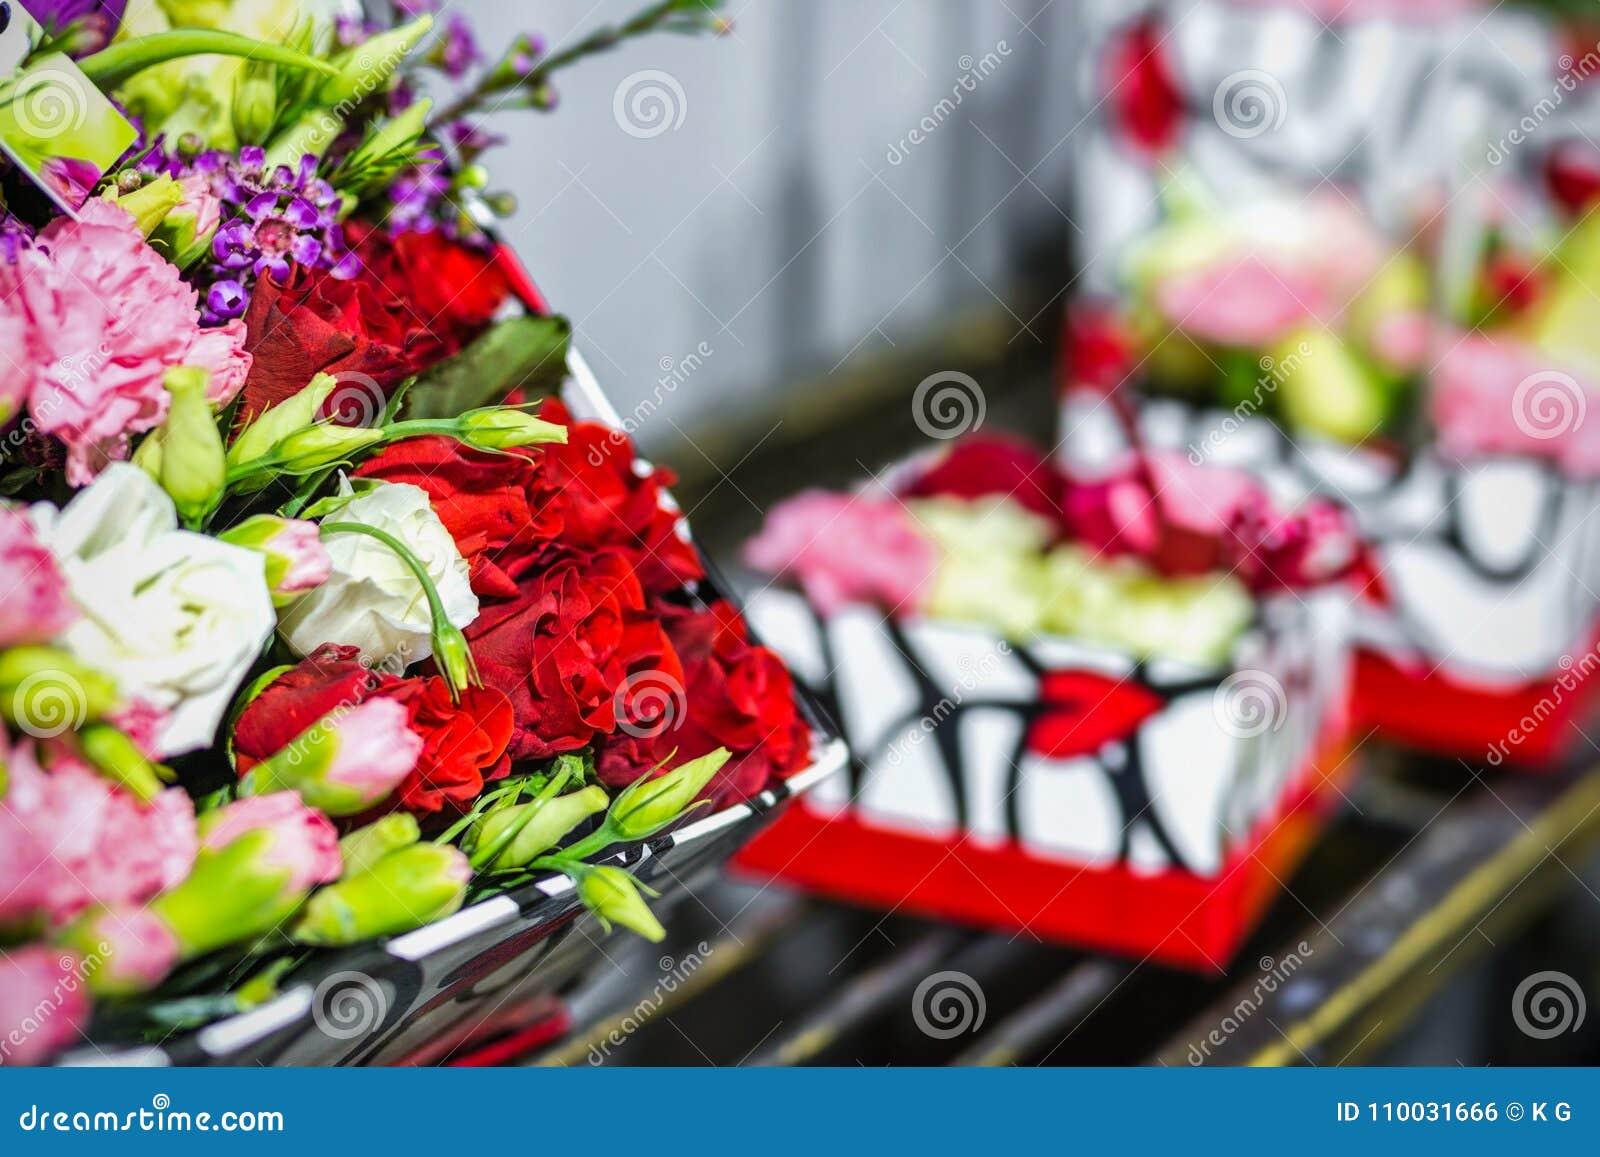 Mooi boeket van verse bloemen in dozen Het concept van de bloemistdienst Het kleinhandels en brutoconcept van de snijbloemopslag